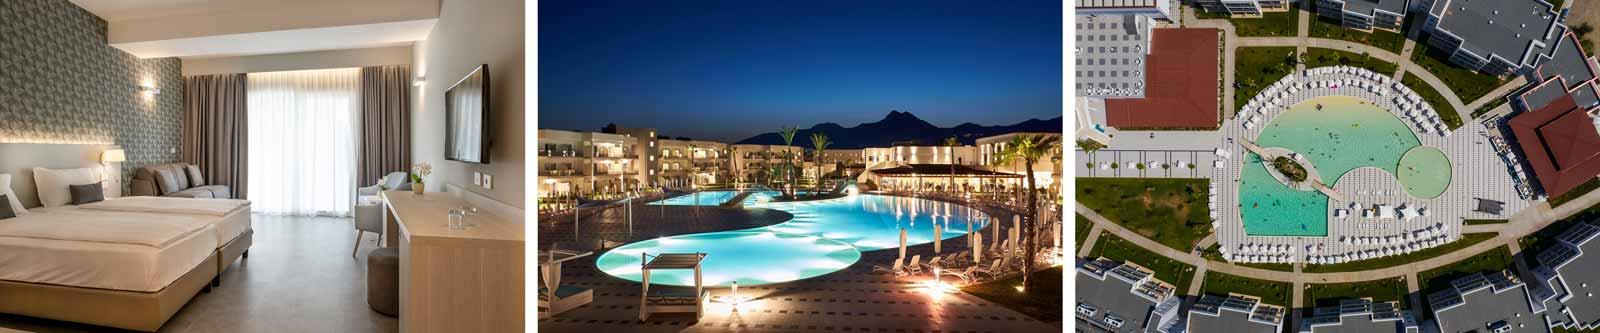 Bilder zur Hotelanlage Aldiana Calabria mit M-Motorradreisen